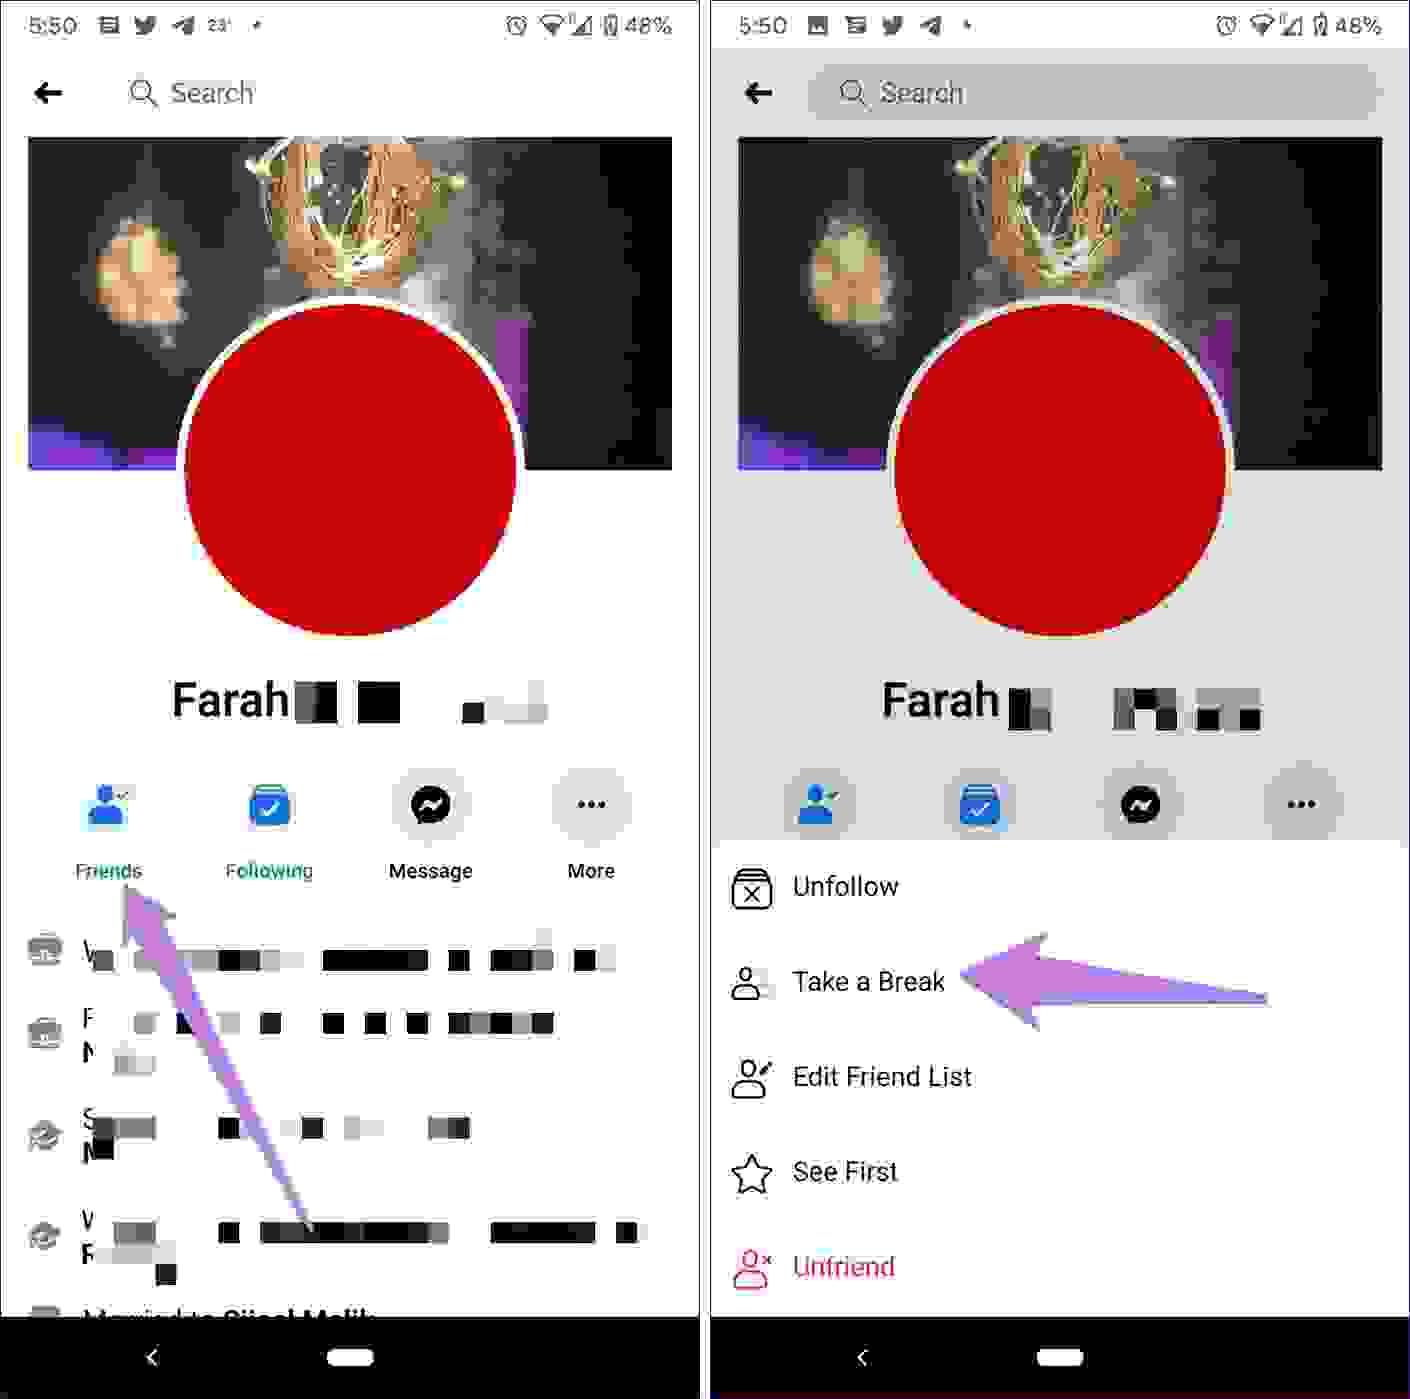 تفعيل ميزة تقييد التفاعل عن طريق تطبيق فيسبوك على أجهزة الهواتف العاملة بنظام أندرويد